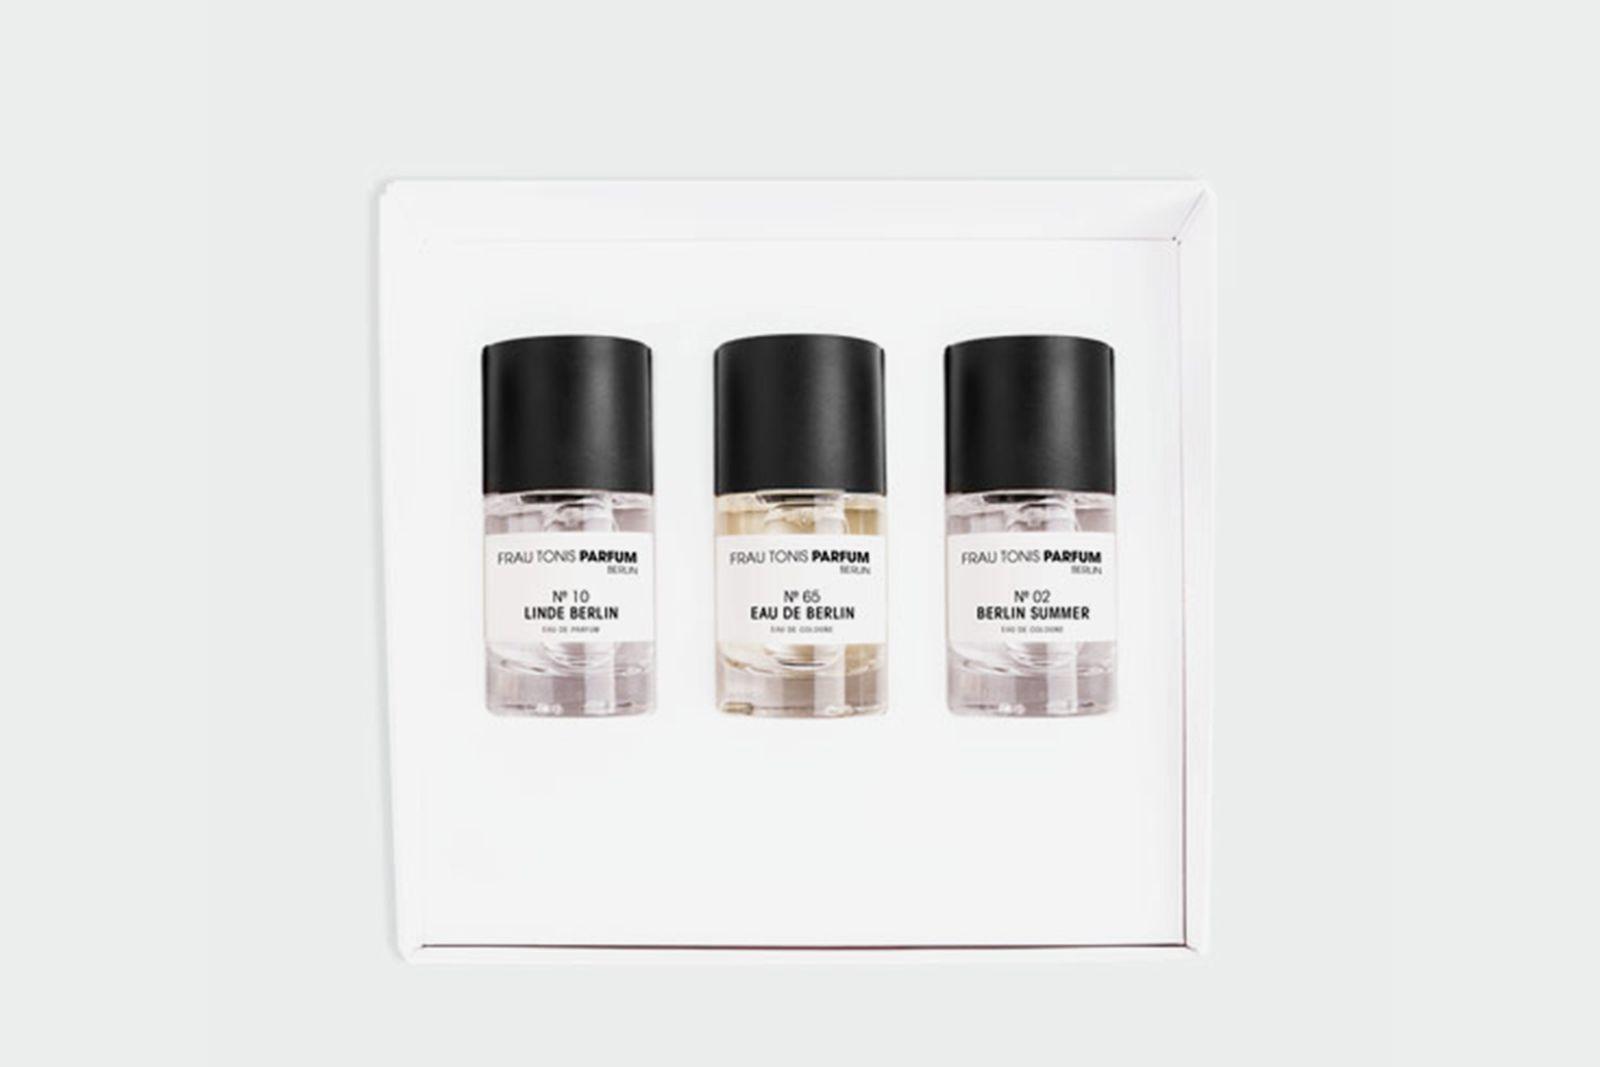 duftset berlin frau tonis parfum onlineshop(1) ace hotel